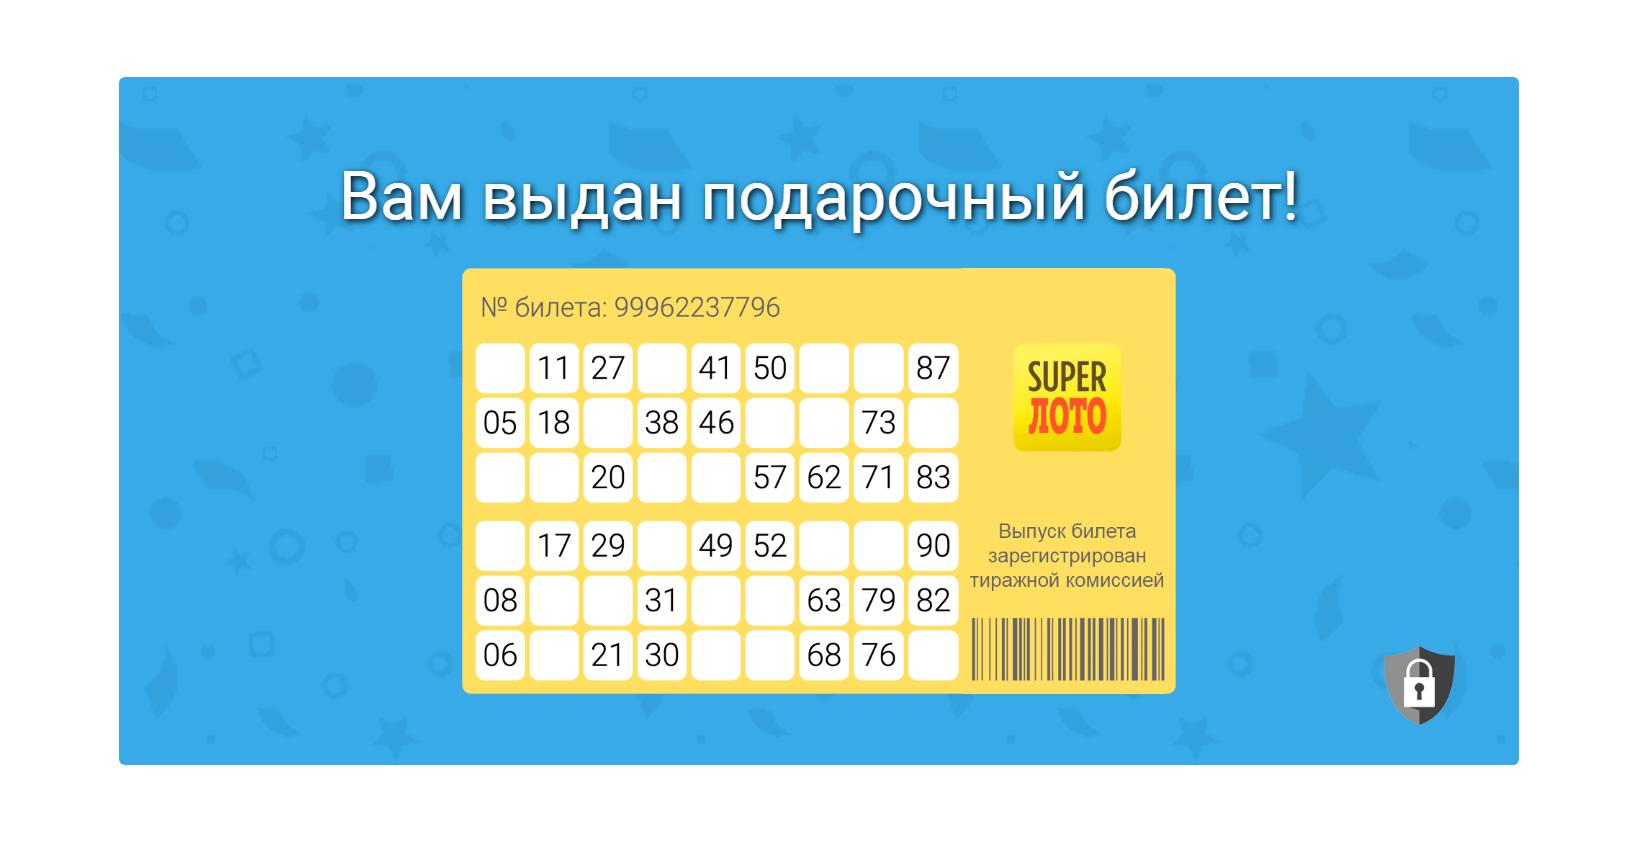 На первой же странице сайта мне выдали виртуальный билет лото